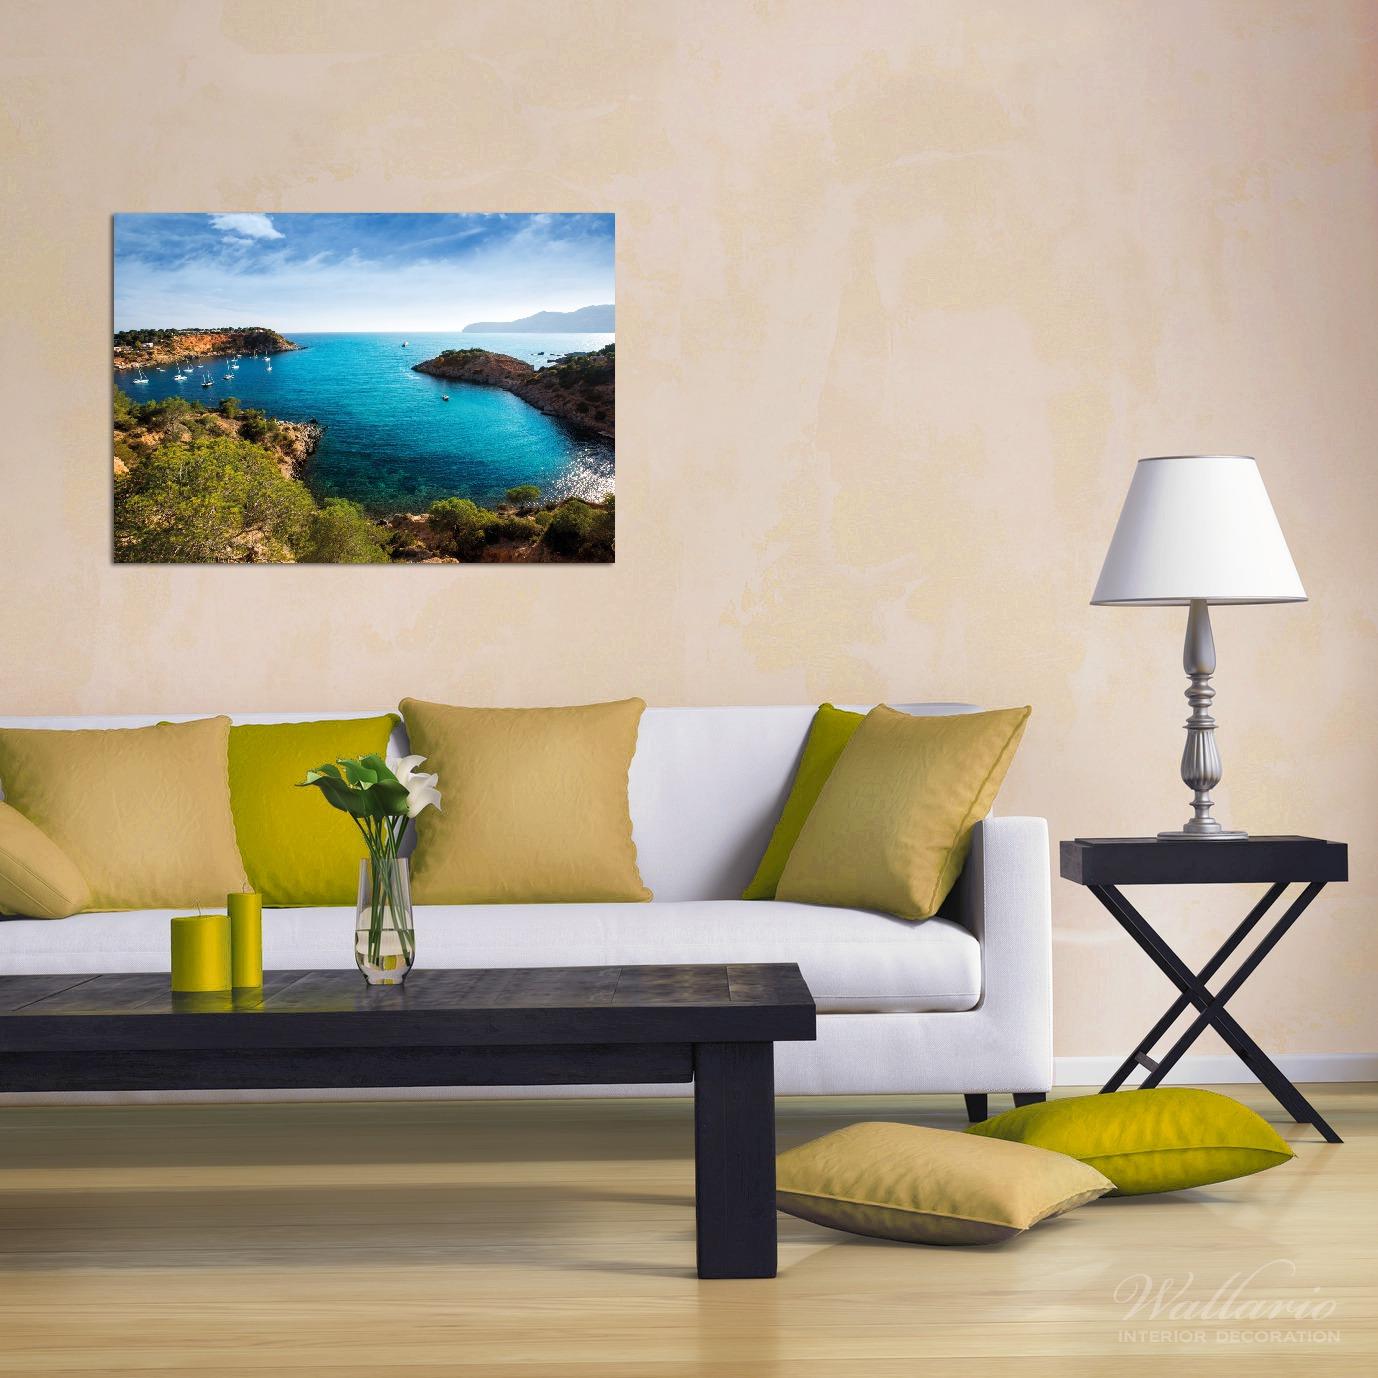 Wandbild Ibiza - Blick von einer Bucht aufs Meer – Bild 2